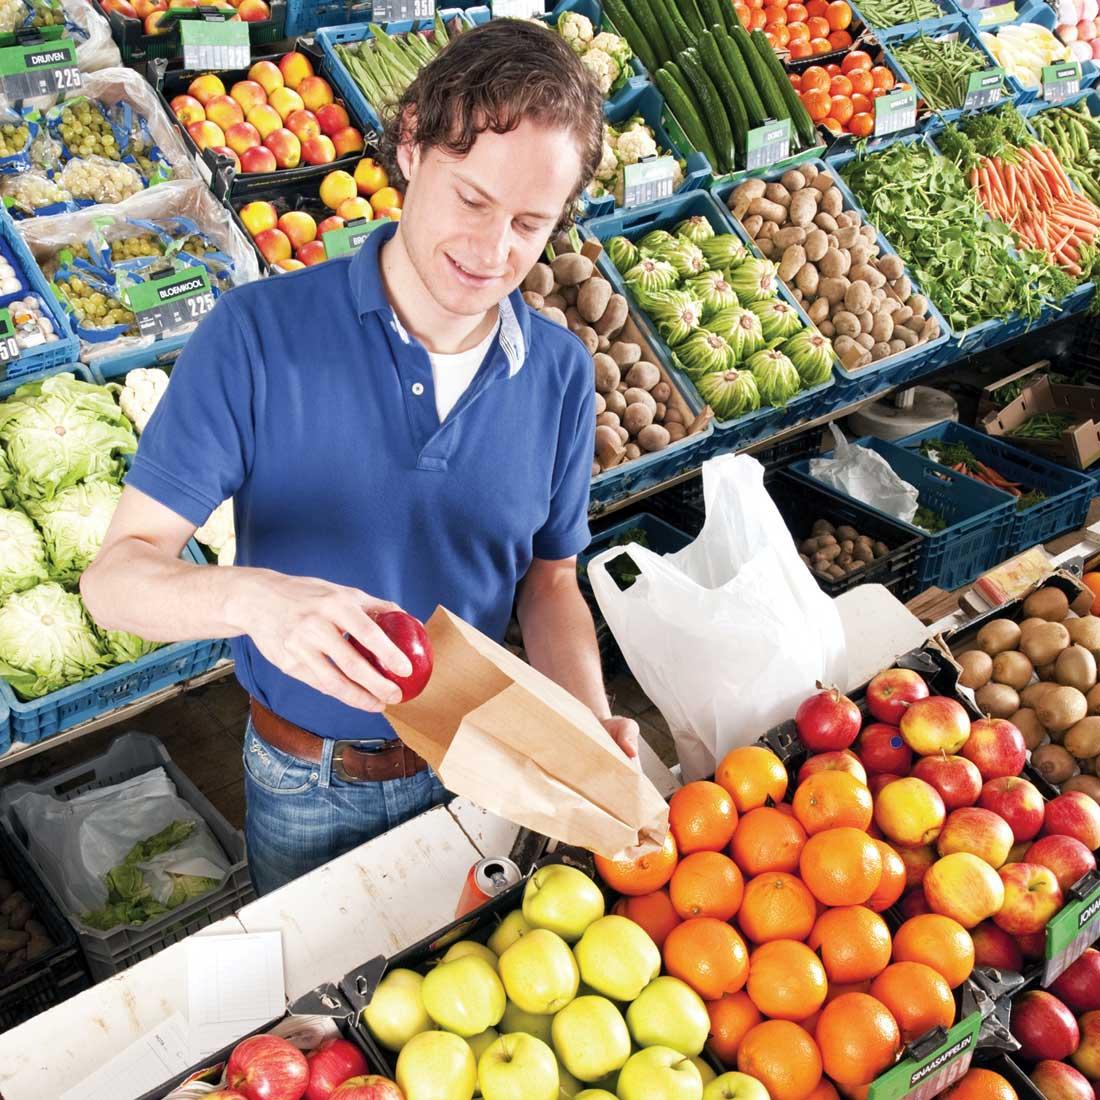 Como-elegir-frutas-y-verduras-cuando-va-al-mercado